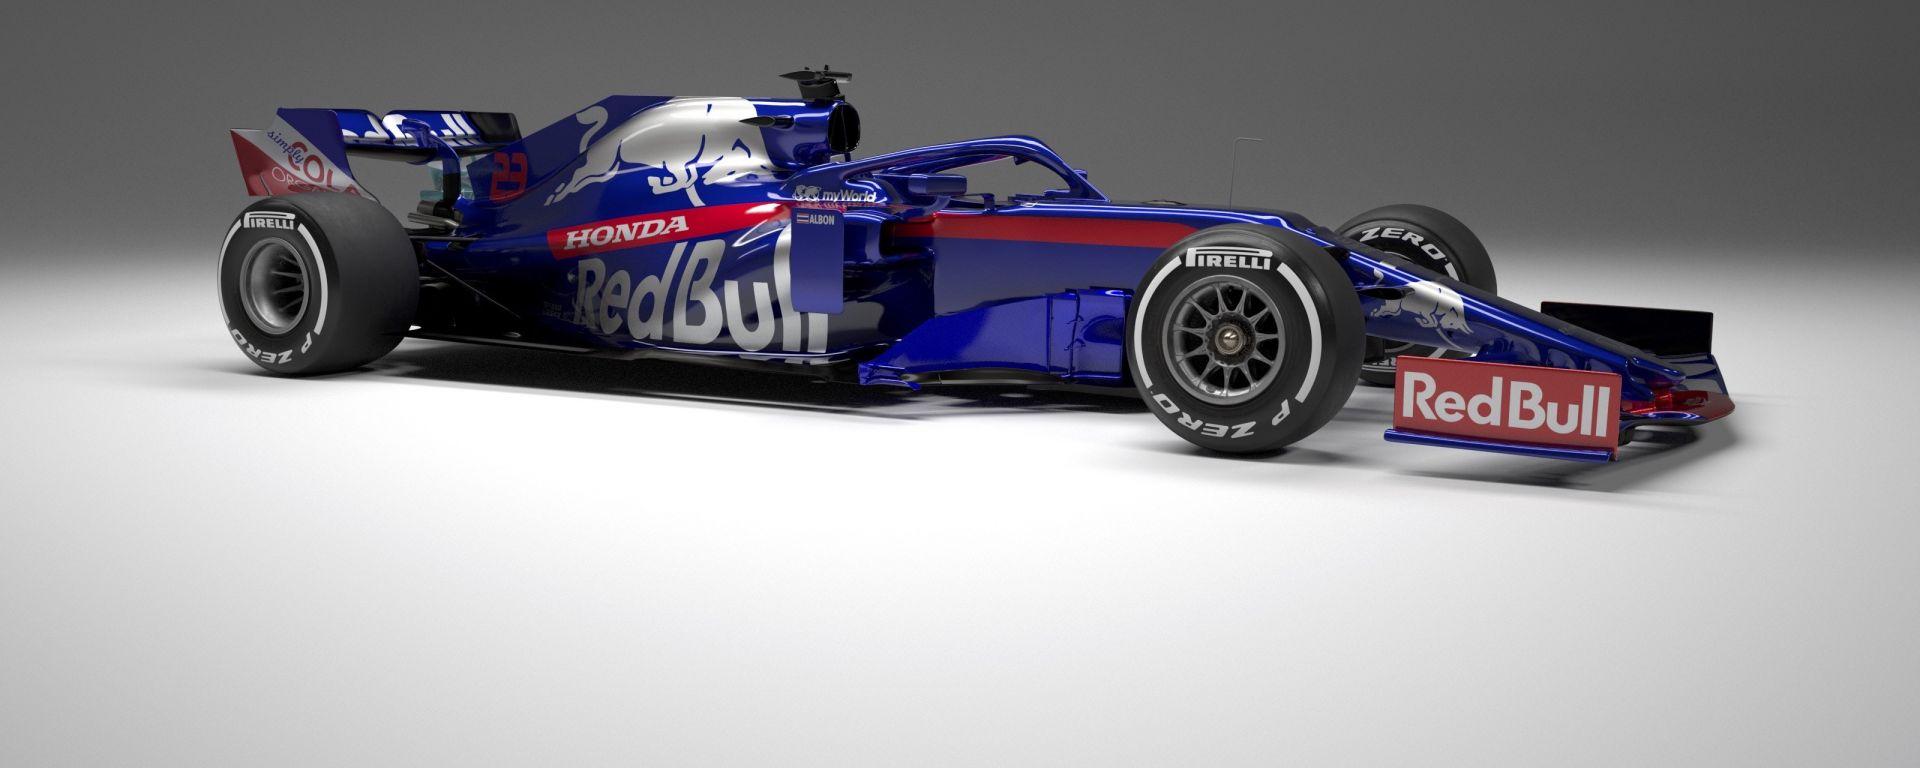 Scuderia Toro Rosso F1 2019